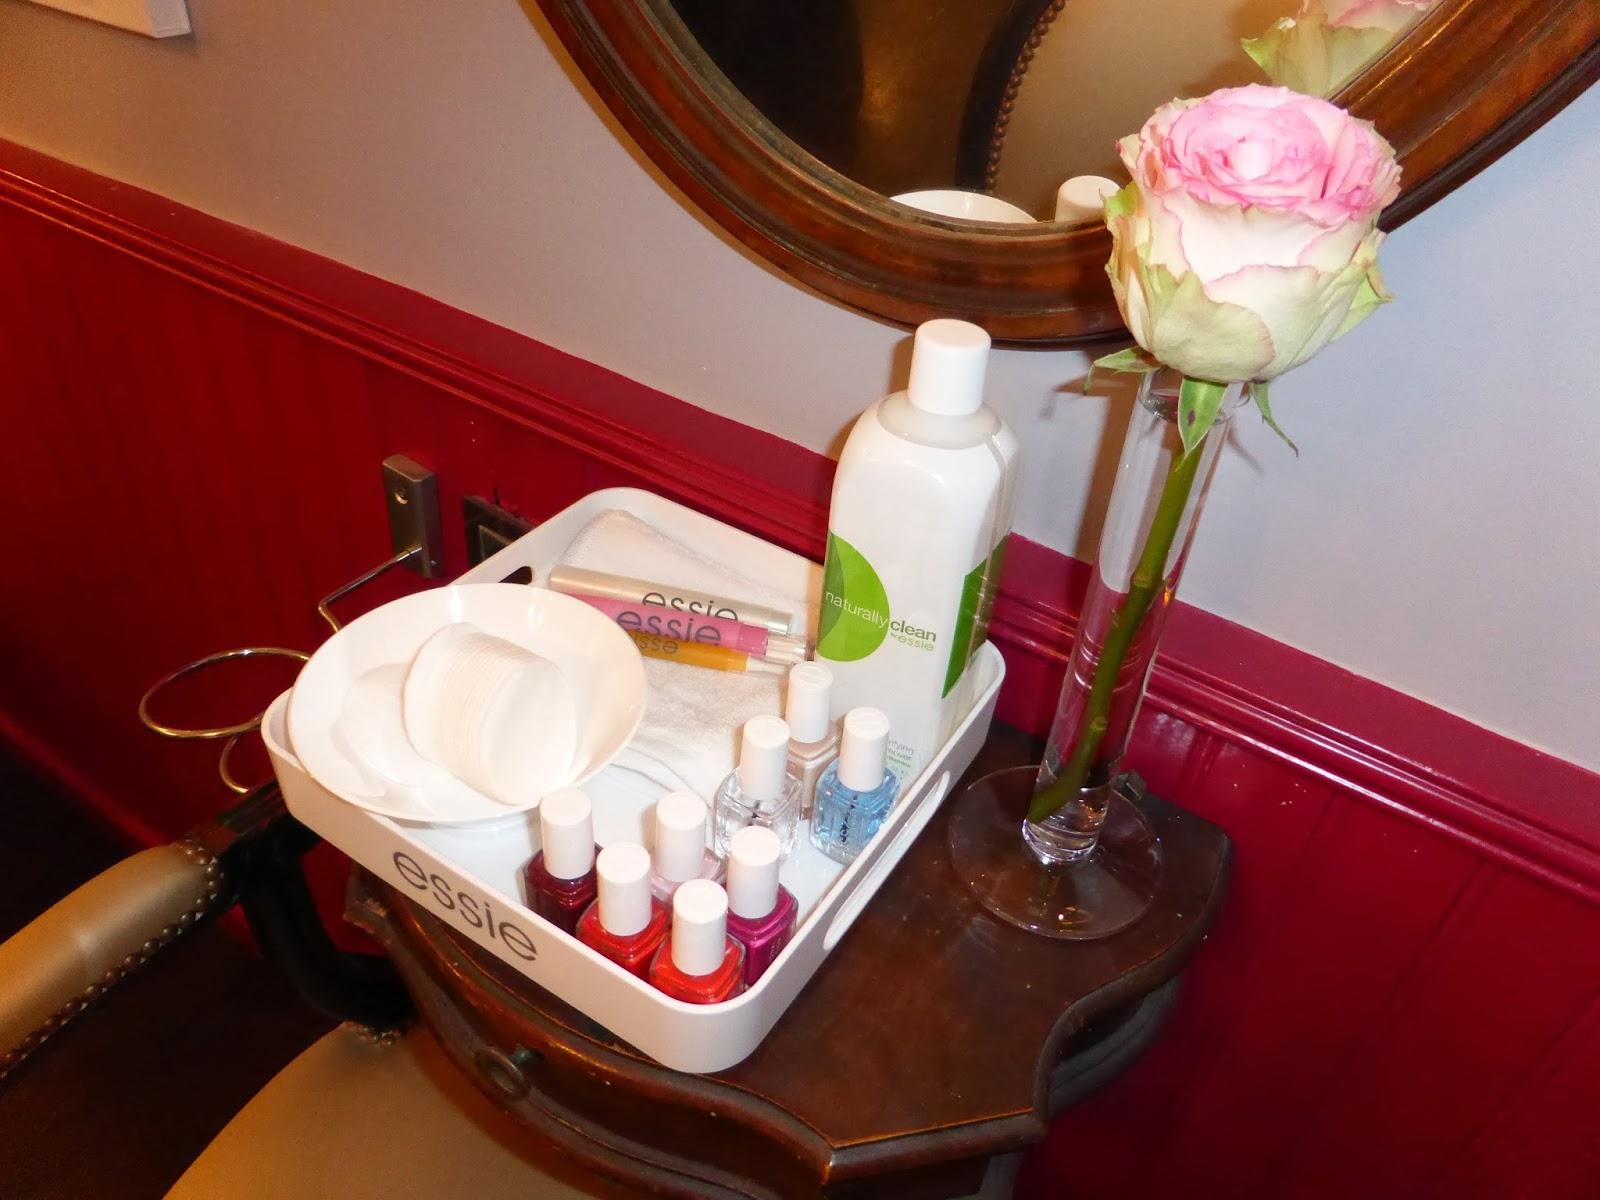 Plateau composé de tous les produits de la marque ESSIE et de quelques vernis à tester afin que vous puissiez réaliser votre manucure pendant votre rendez-vous au Studio 54, salon de coiffure à Montpellier.